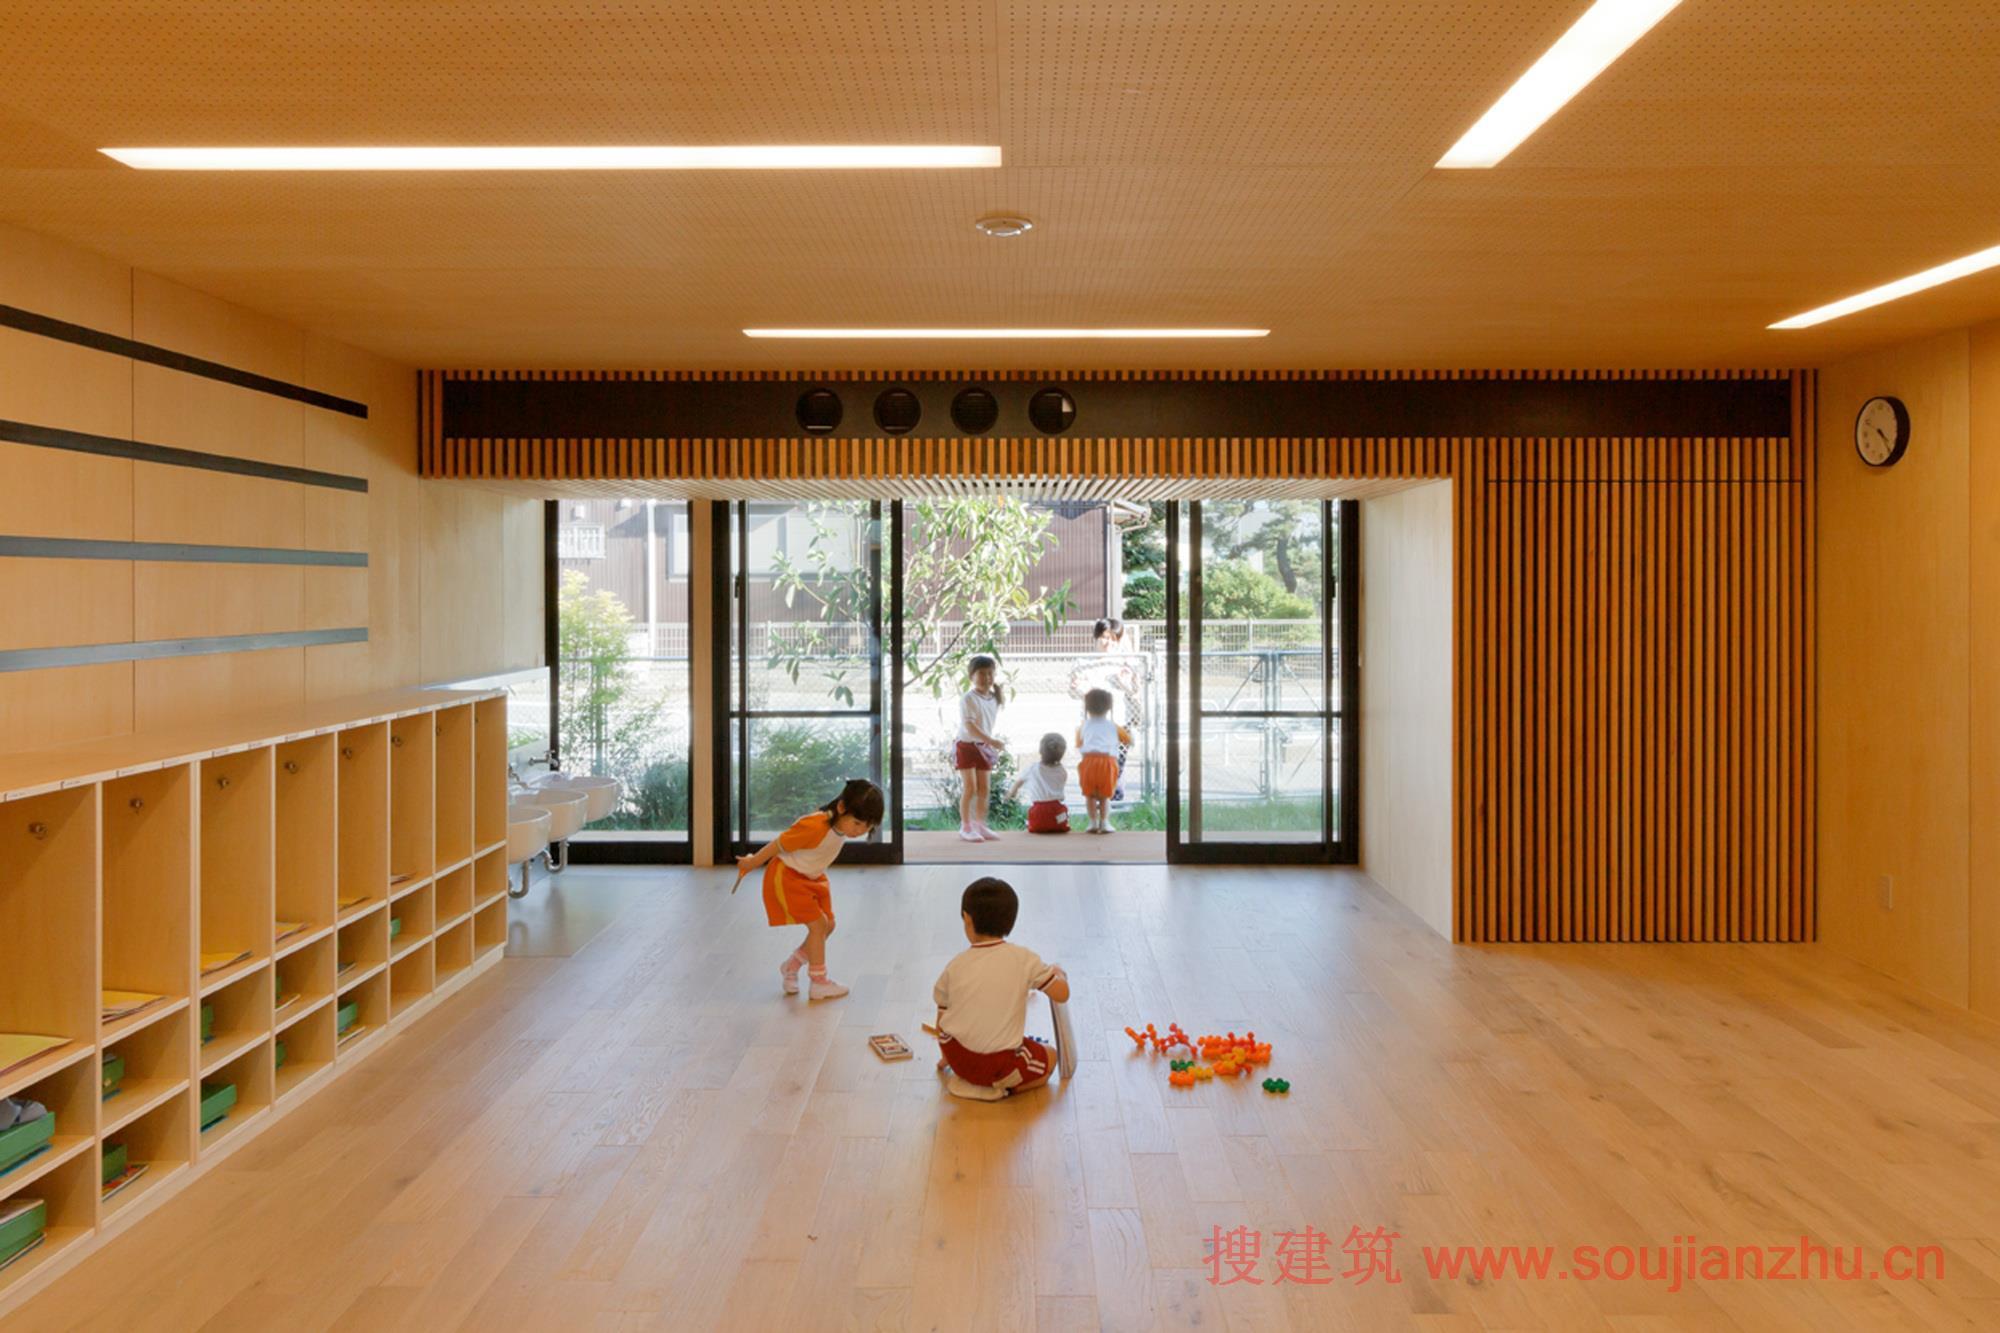 幼儿园的名称和班级的标牌是采用花园里种植的日本榉树制作的,在